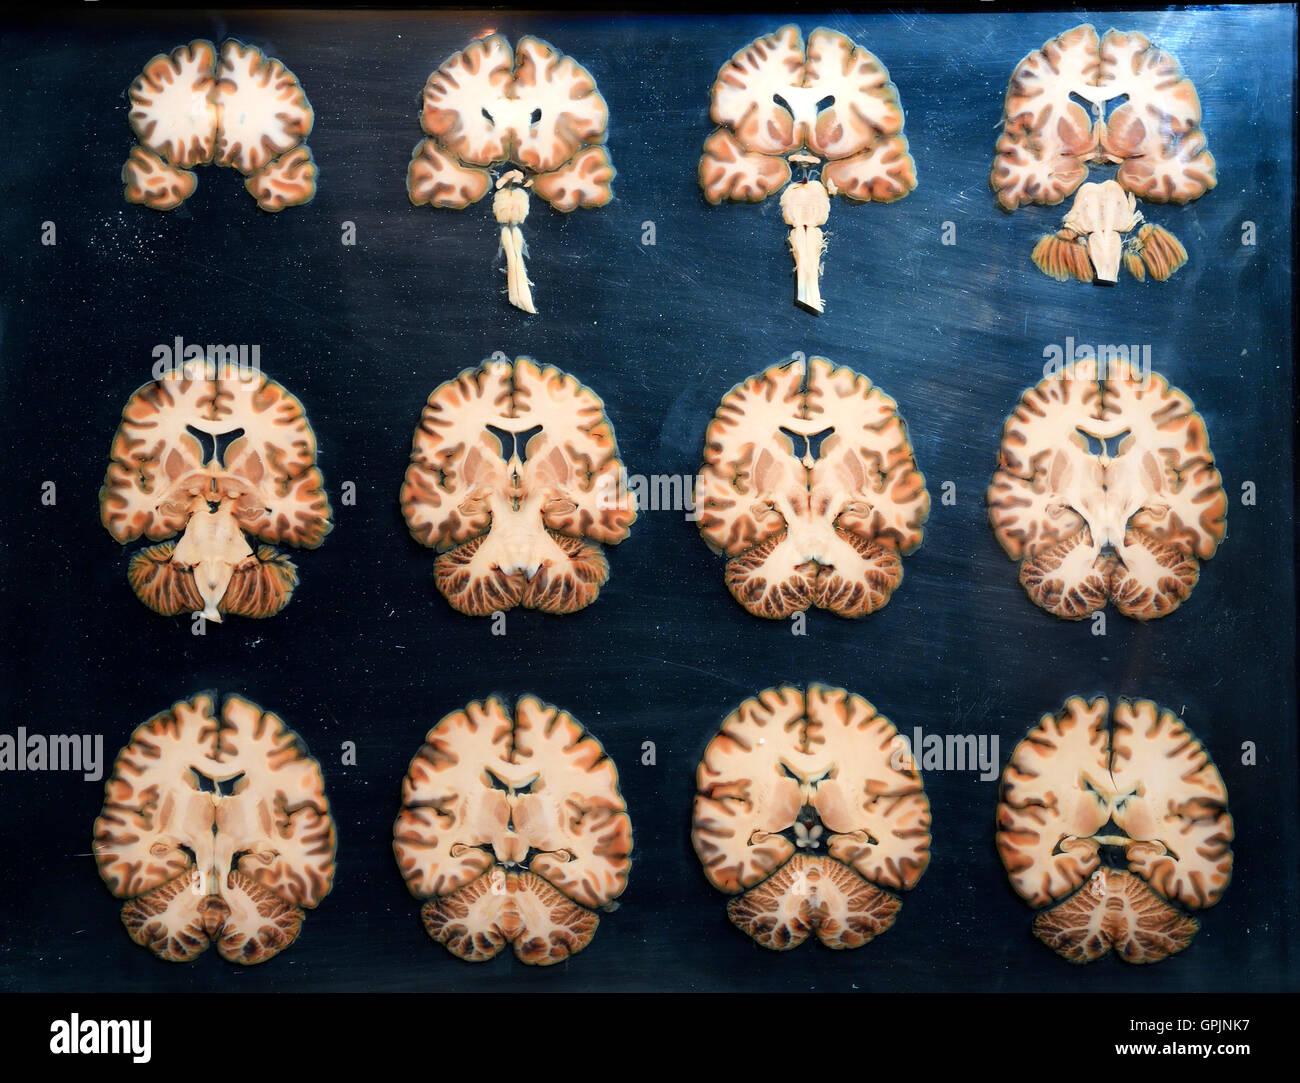 Plastinate, secciones cruzadas a través del cerebro humano, Body Worlds, Menschen Museum, Berlín, Alemania Imagen De Stock